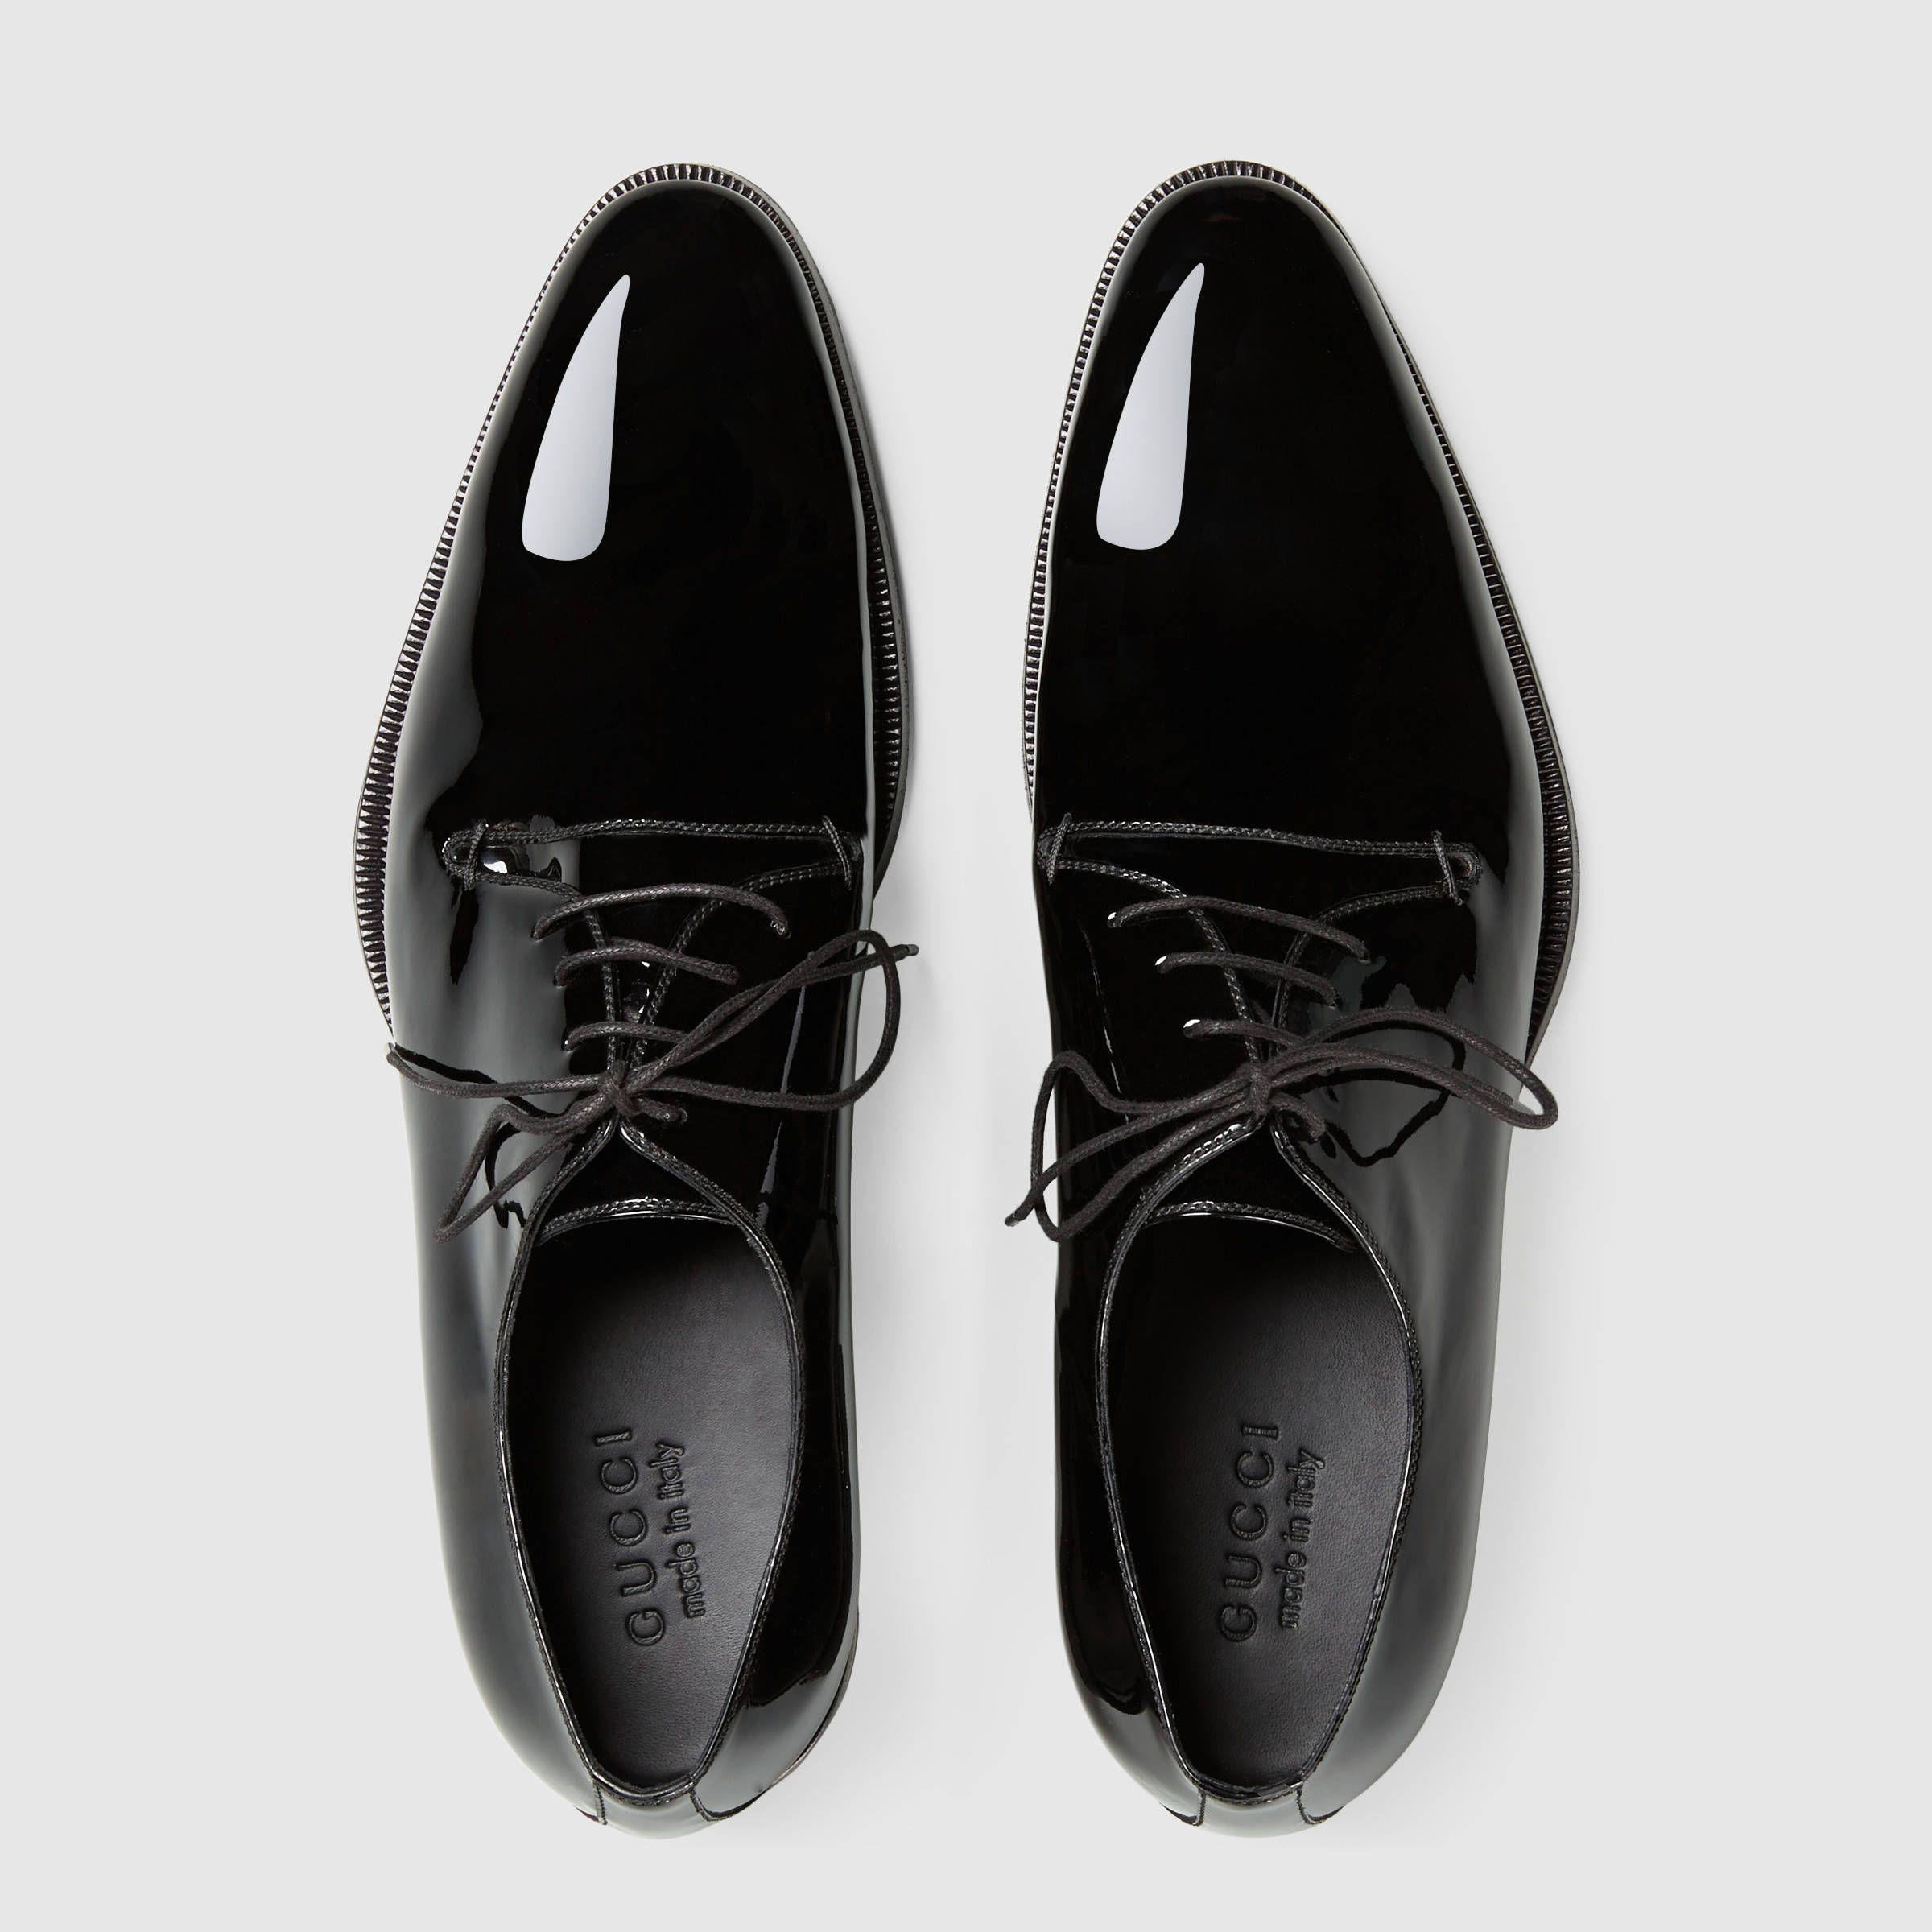 Gucci Patent Leather Lace Up Shoe Formal Shoes For Men Chelsea Boots Men Outfit Dress Shoes Men [ 2400 x 2400 Pixel ]